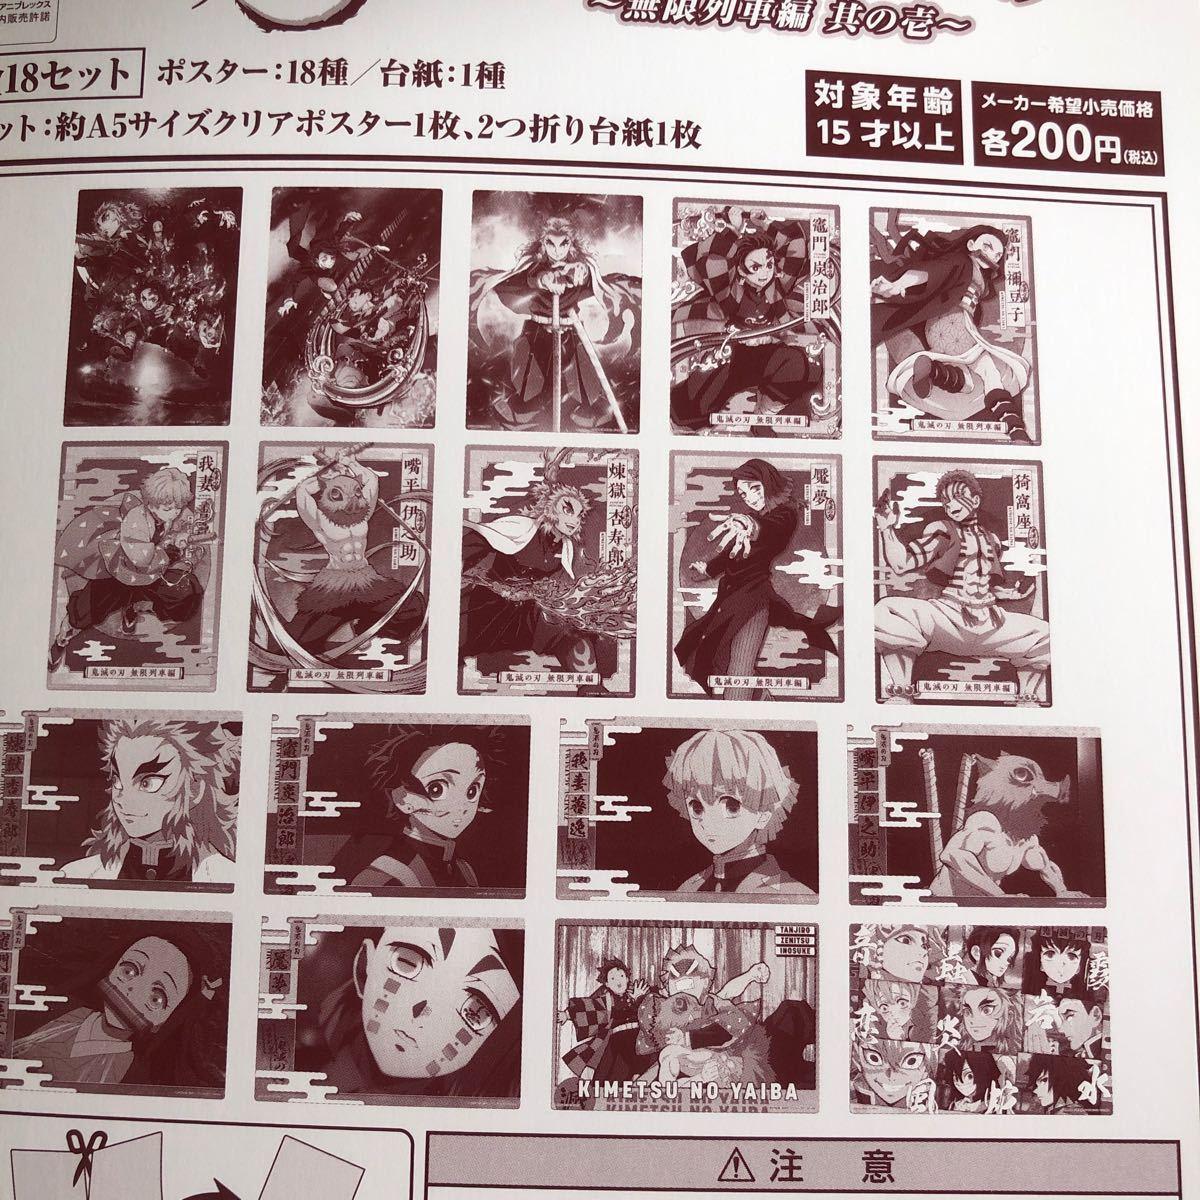 鬼滅の刃 クリアビジュアルポスター 煉獄杏寿郎